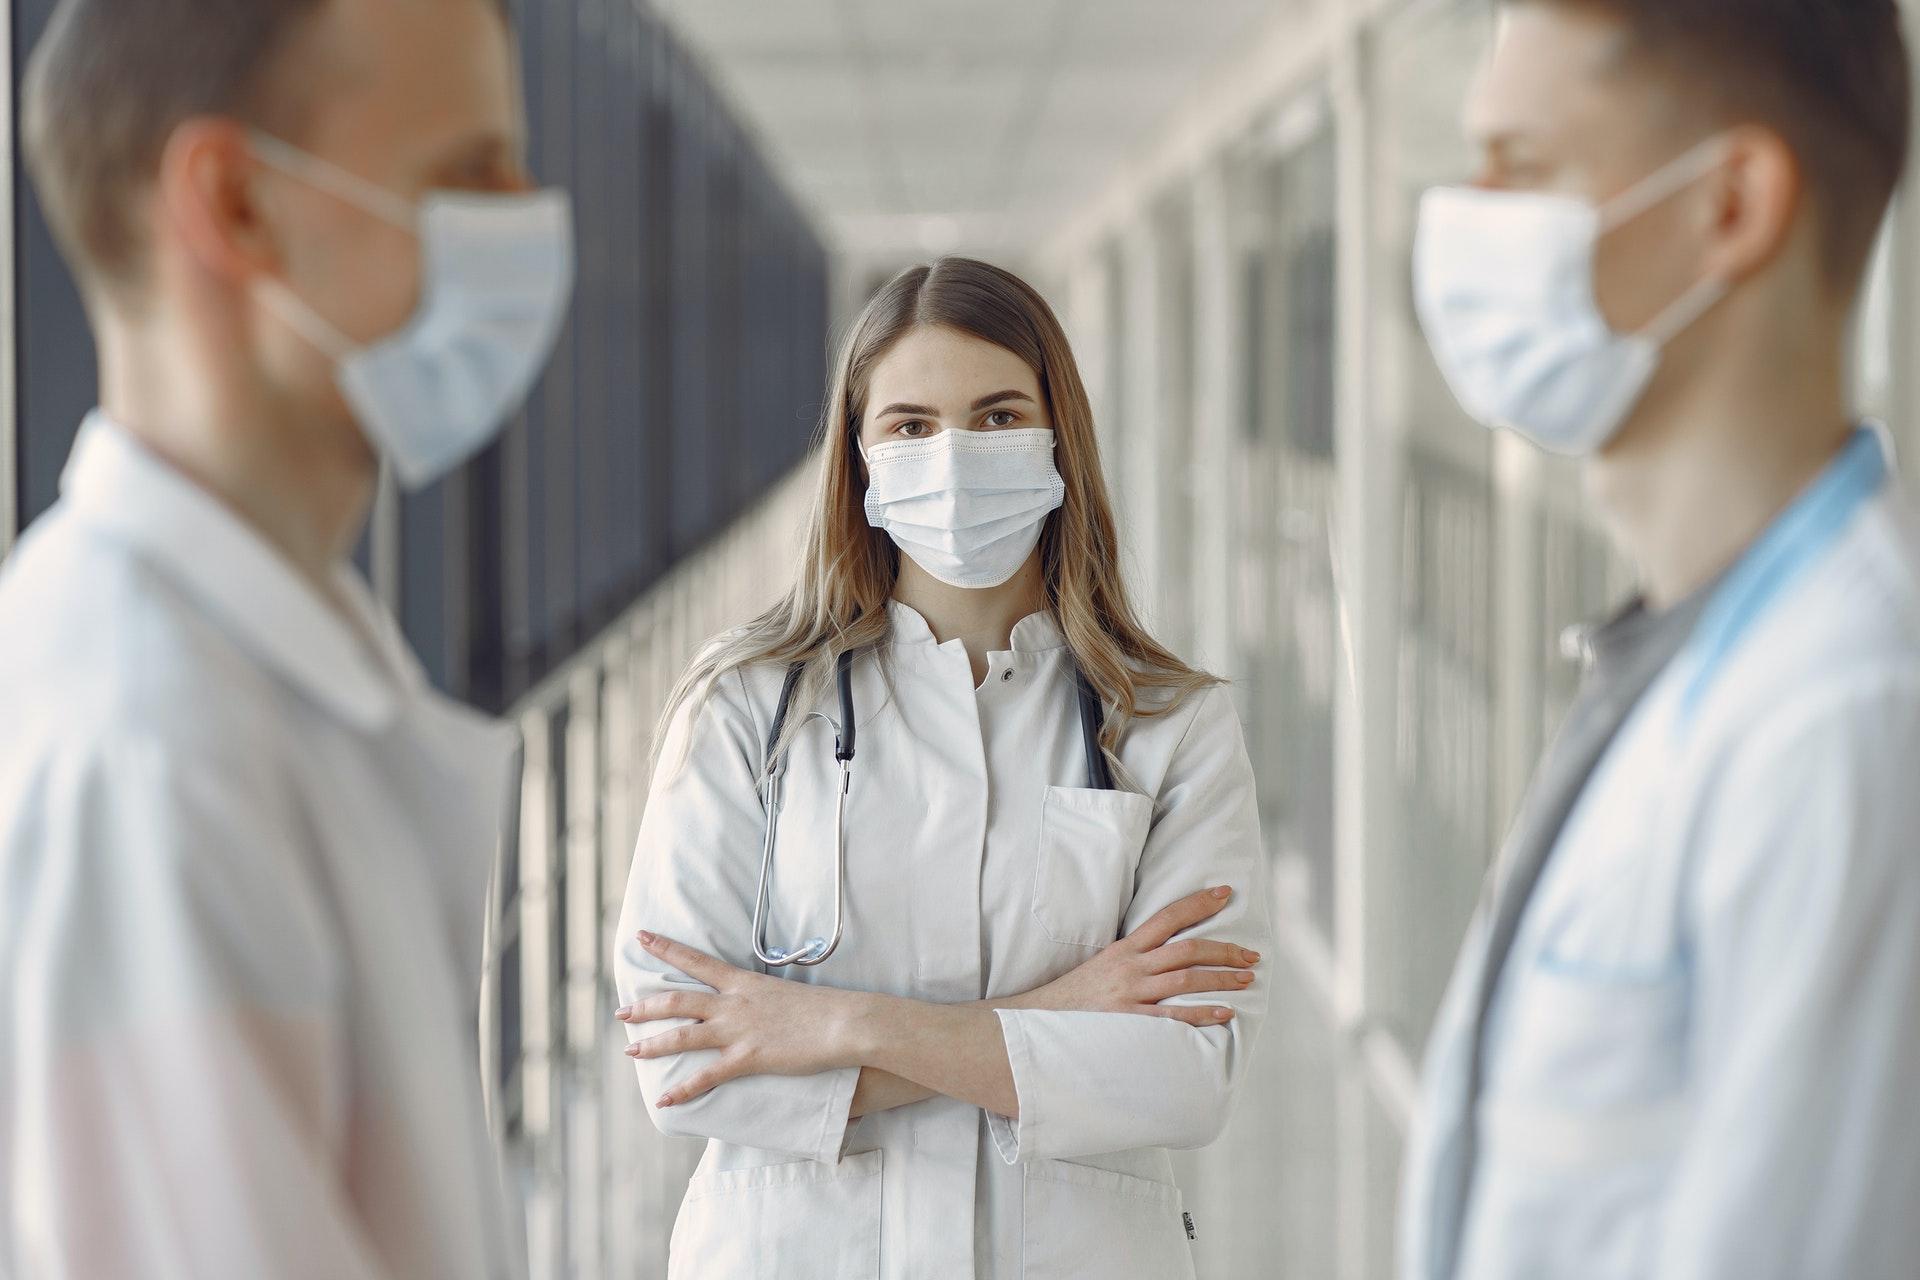 , Εκκολπώματα εντέρου: Τι είναι και πώς αντιμετωπίζονται;, Δρ. Δαρδαμάνης Δημήτριος